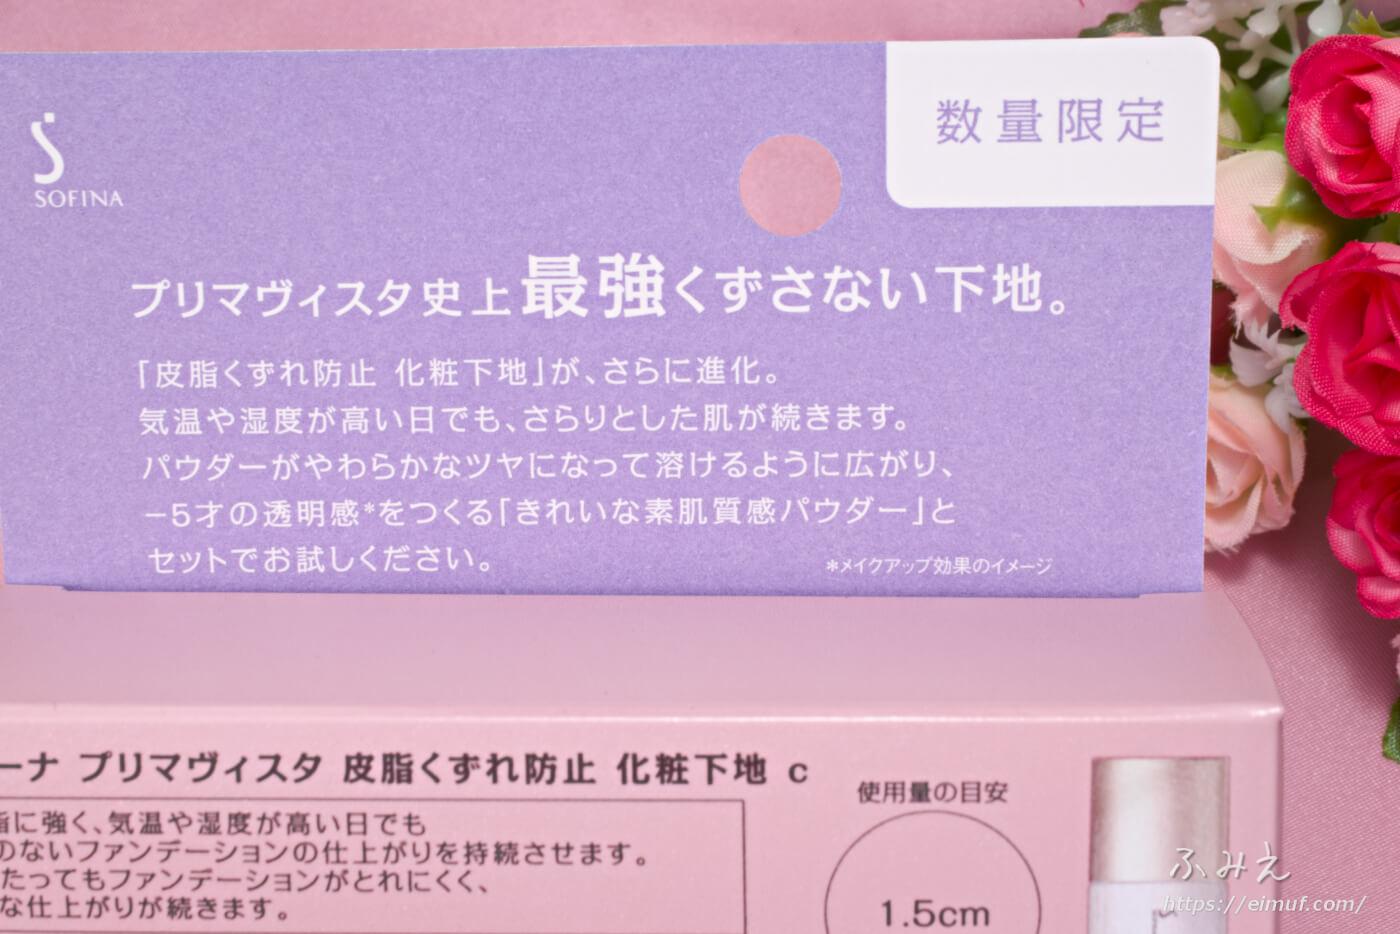 2018年に改良されたソフィーナ プリマヴィスタ 皮脂くずれ防止化粧下地(新製品) とサンプルがセットになった商品裏面上部